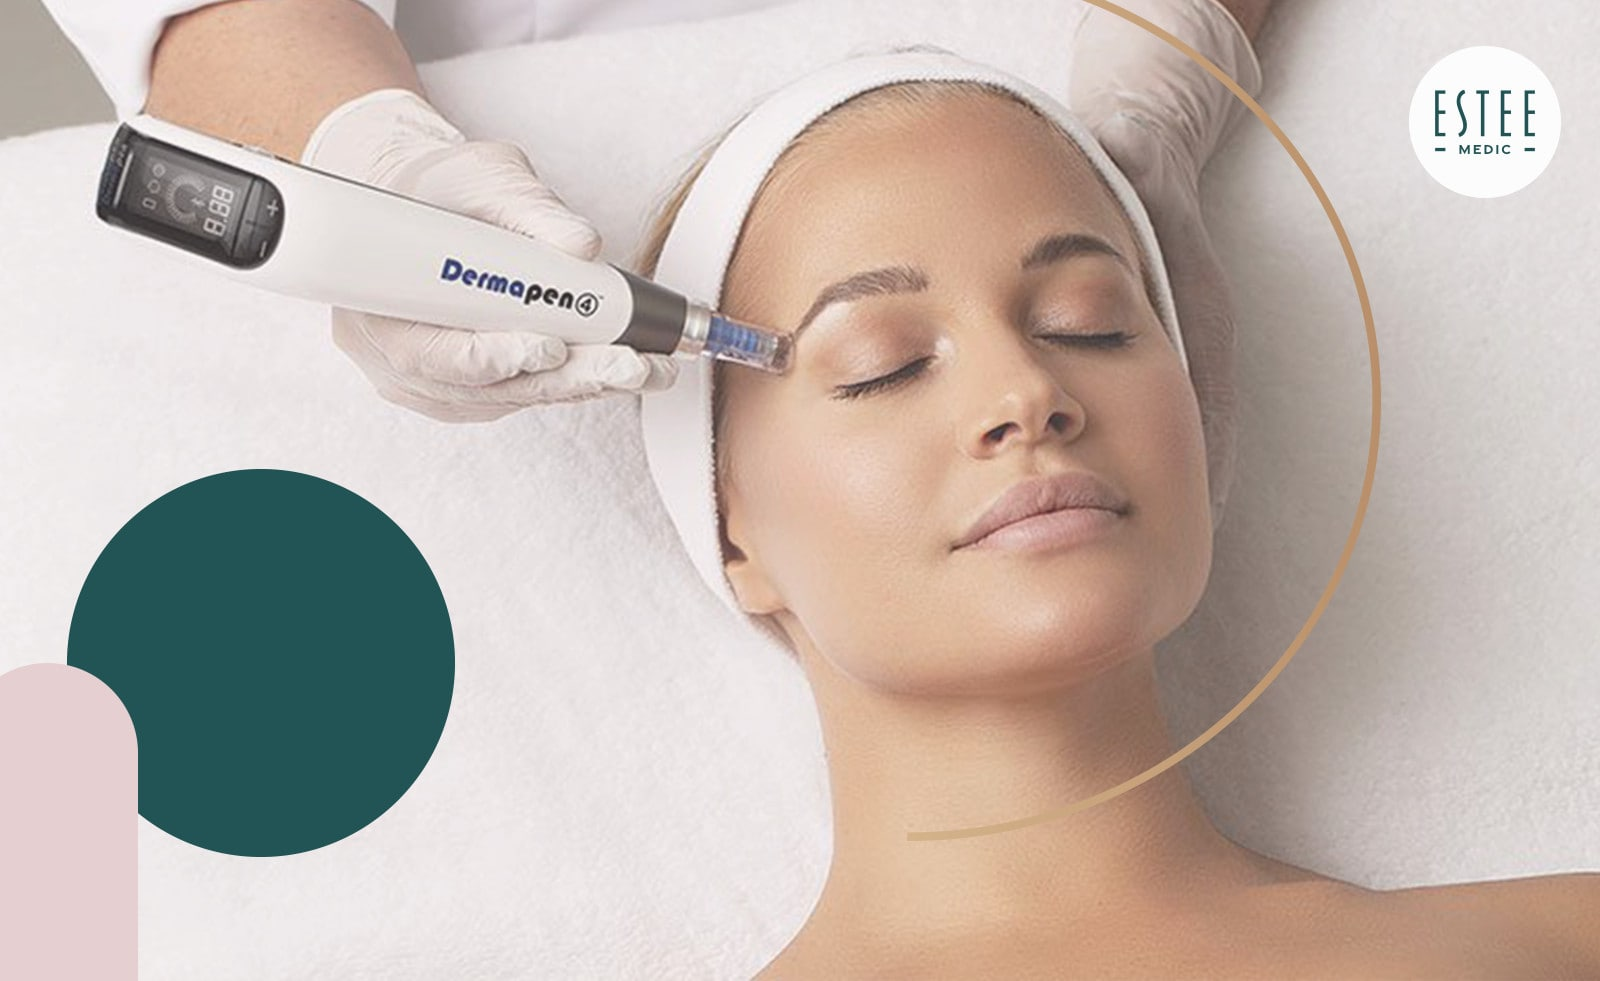 Zabieg Dermapen 4 wykonywany na skórze twarzy, w celu jej ujędrnienia, nawilżenia i zredukowania przebarwień.